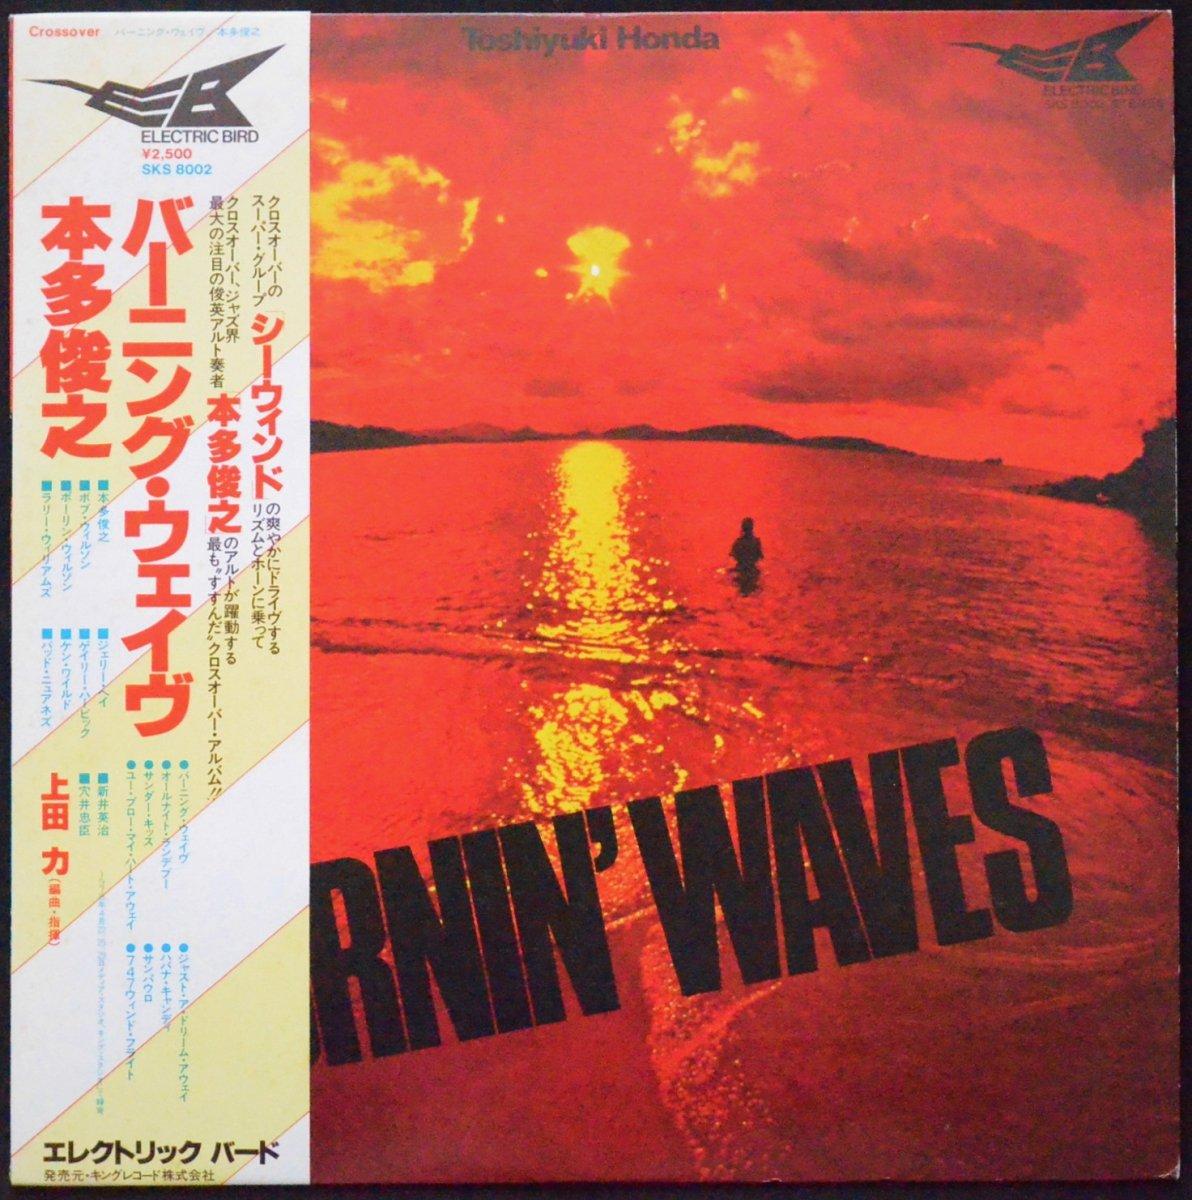 本多俊之 TOSHIYUKI HONDA / バーニング・ウェイヴ BURNIN' WAVES (LP)